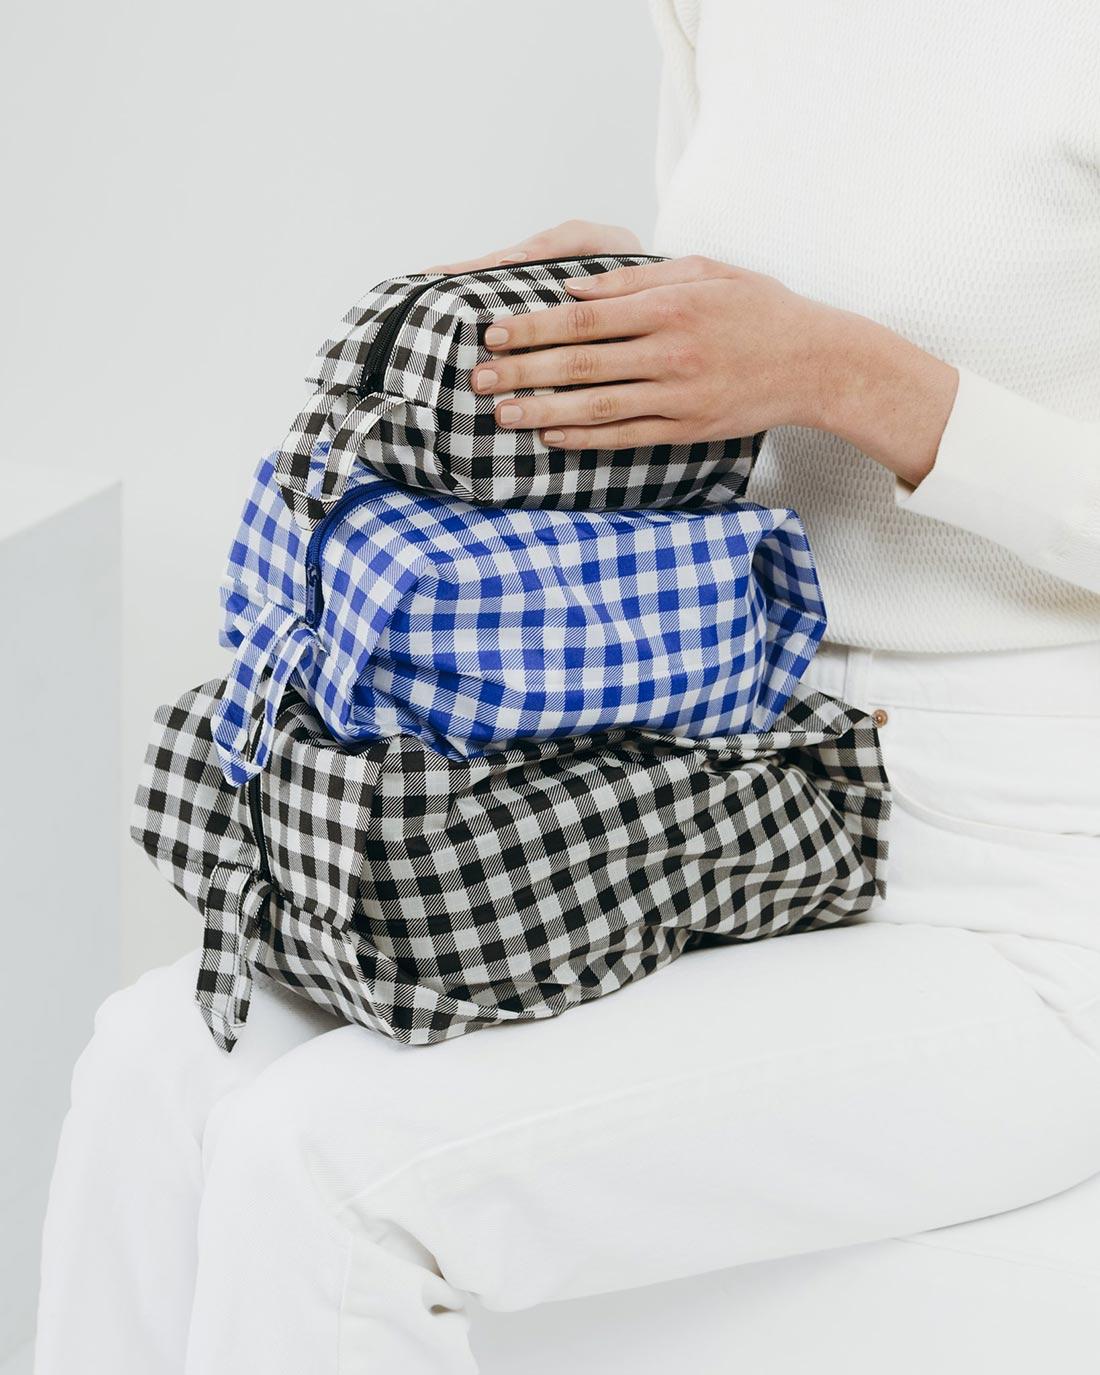 3D zip set travel baggu bag